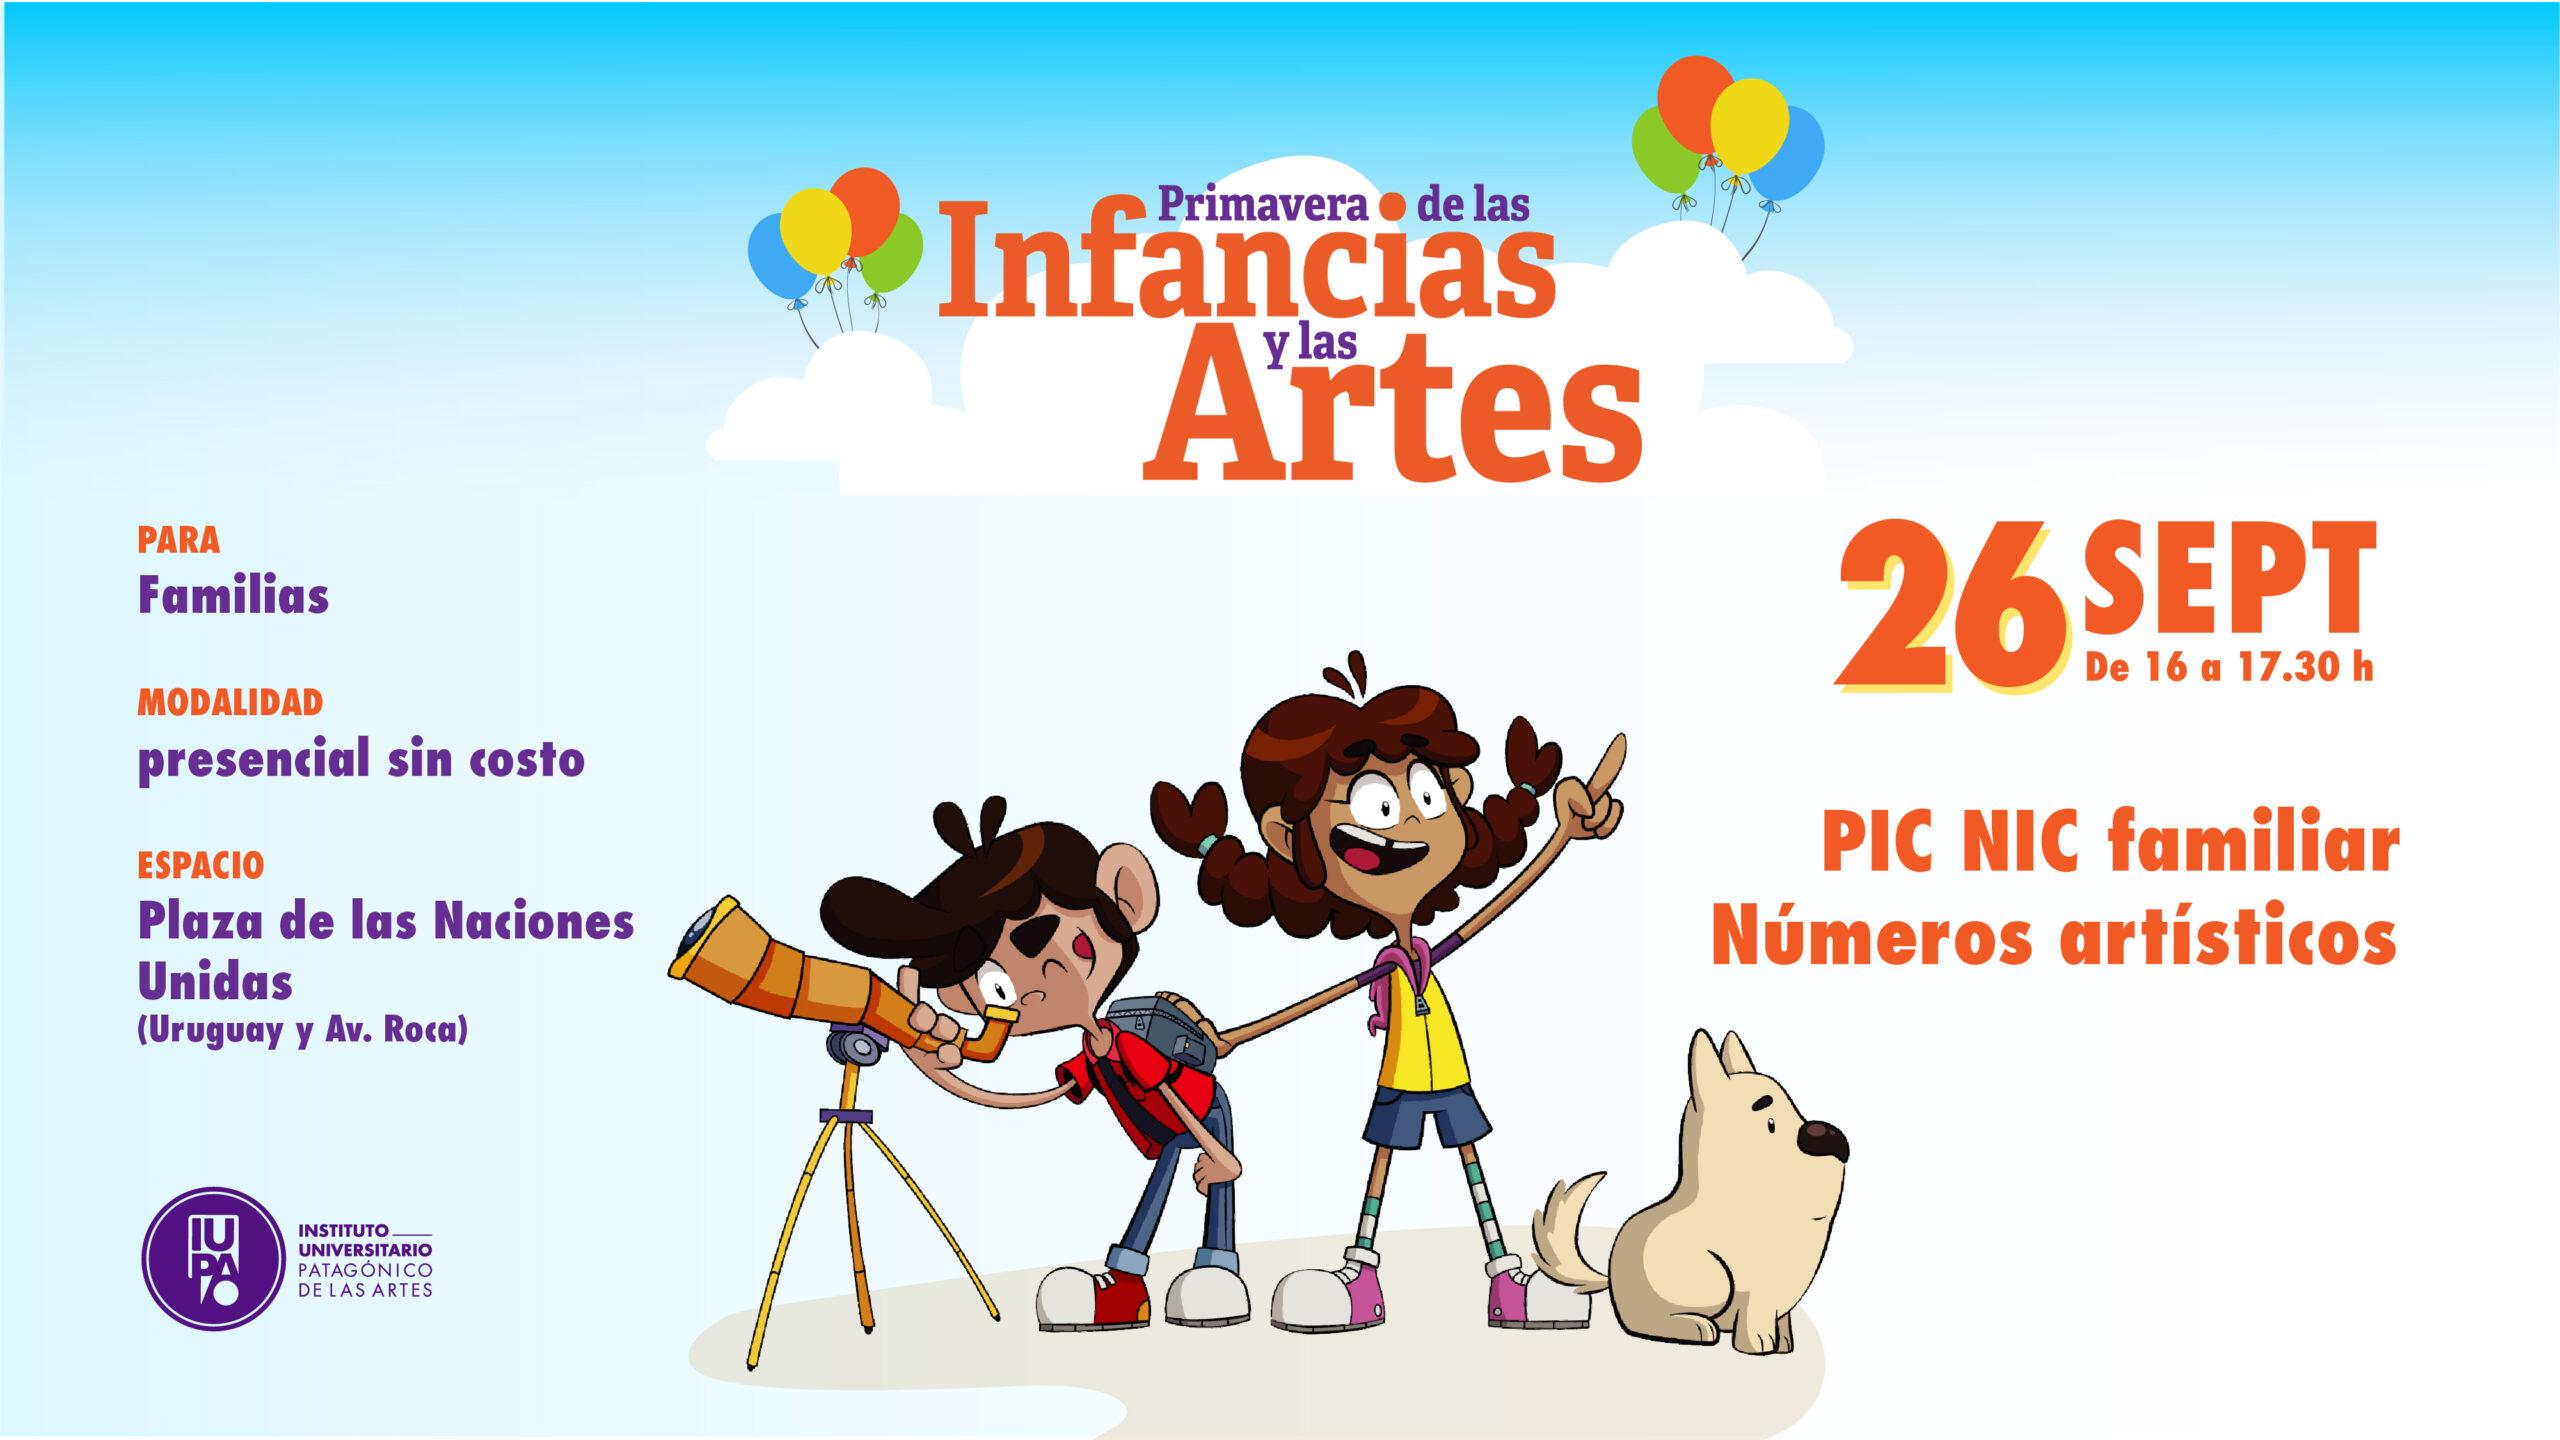 Primavera Infancias y Artes